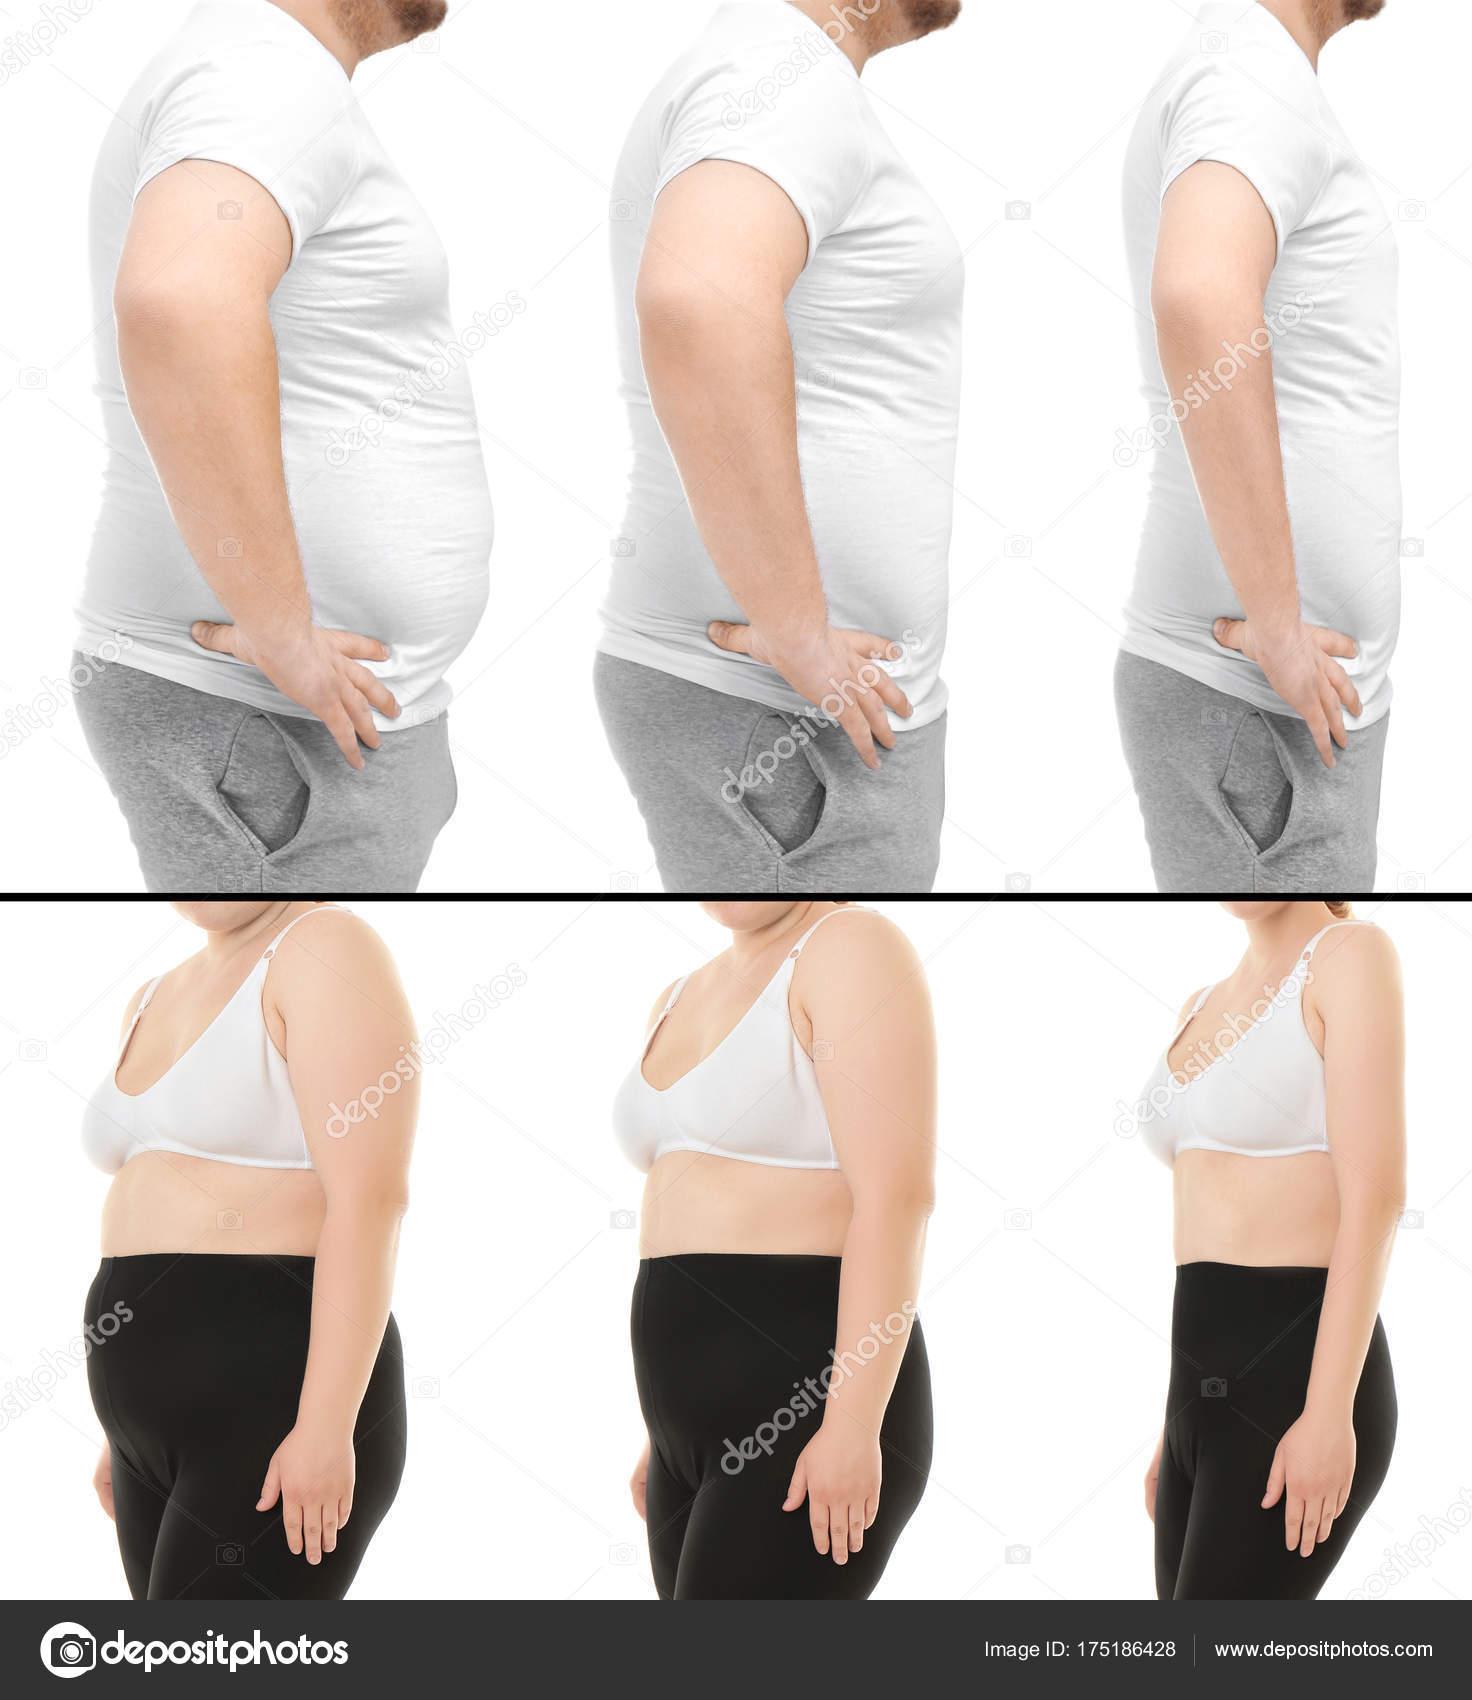 Imagenes de personas con perdida de peso